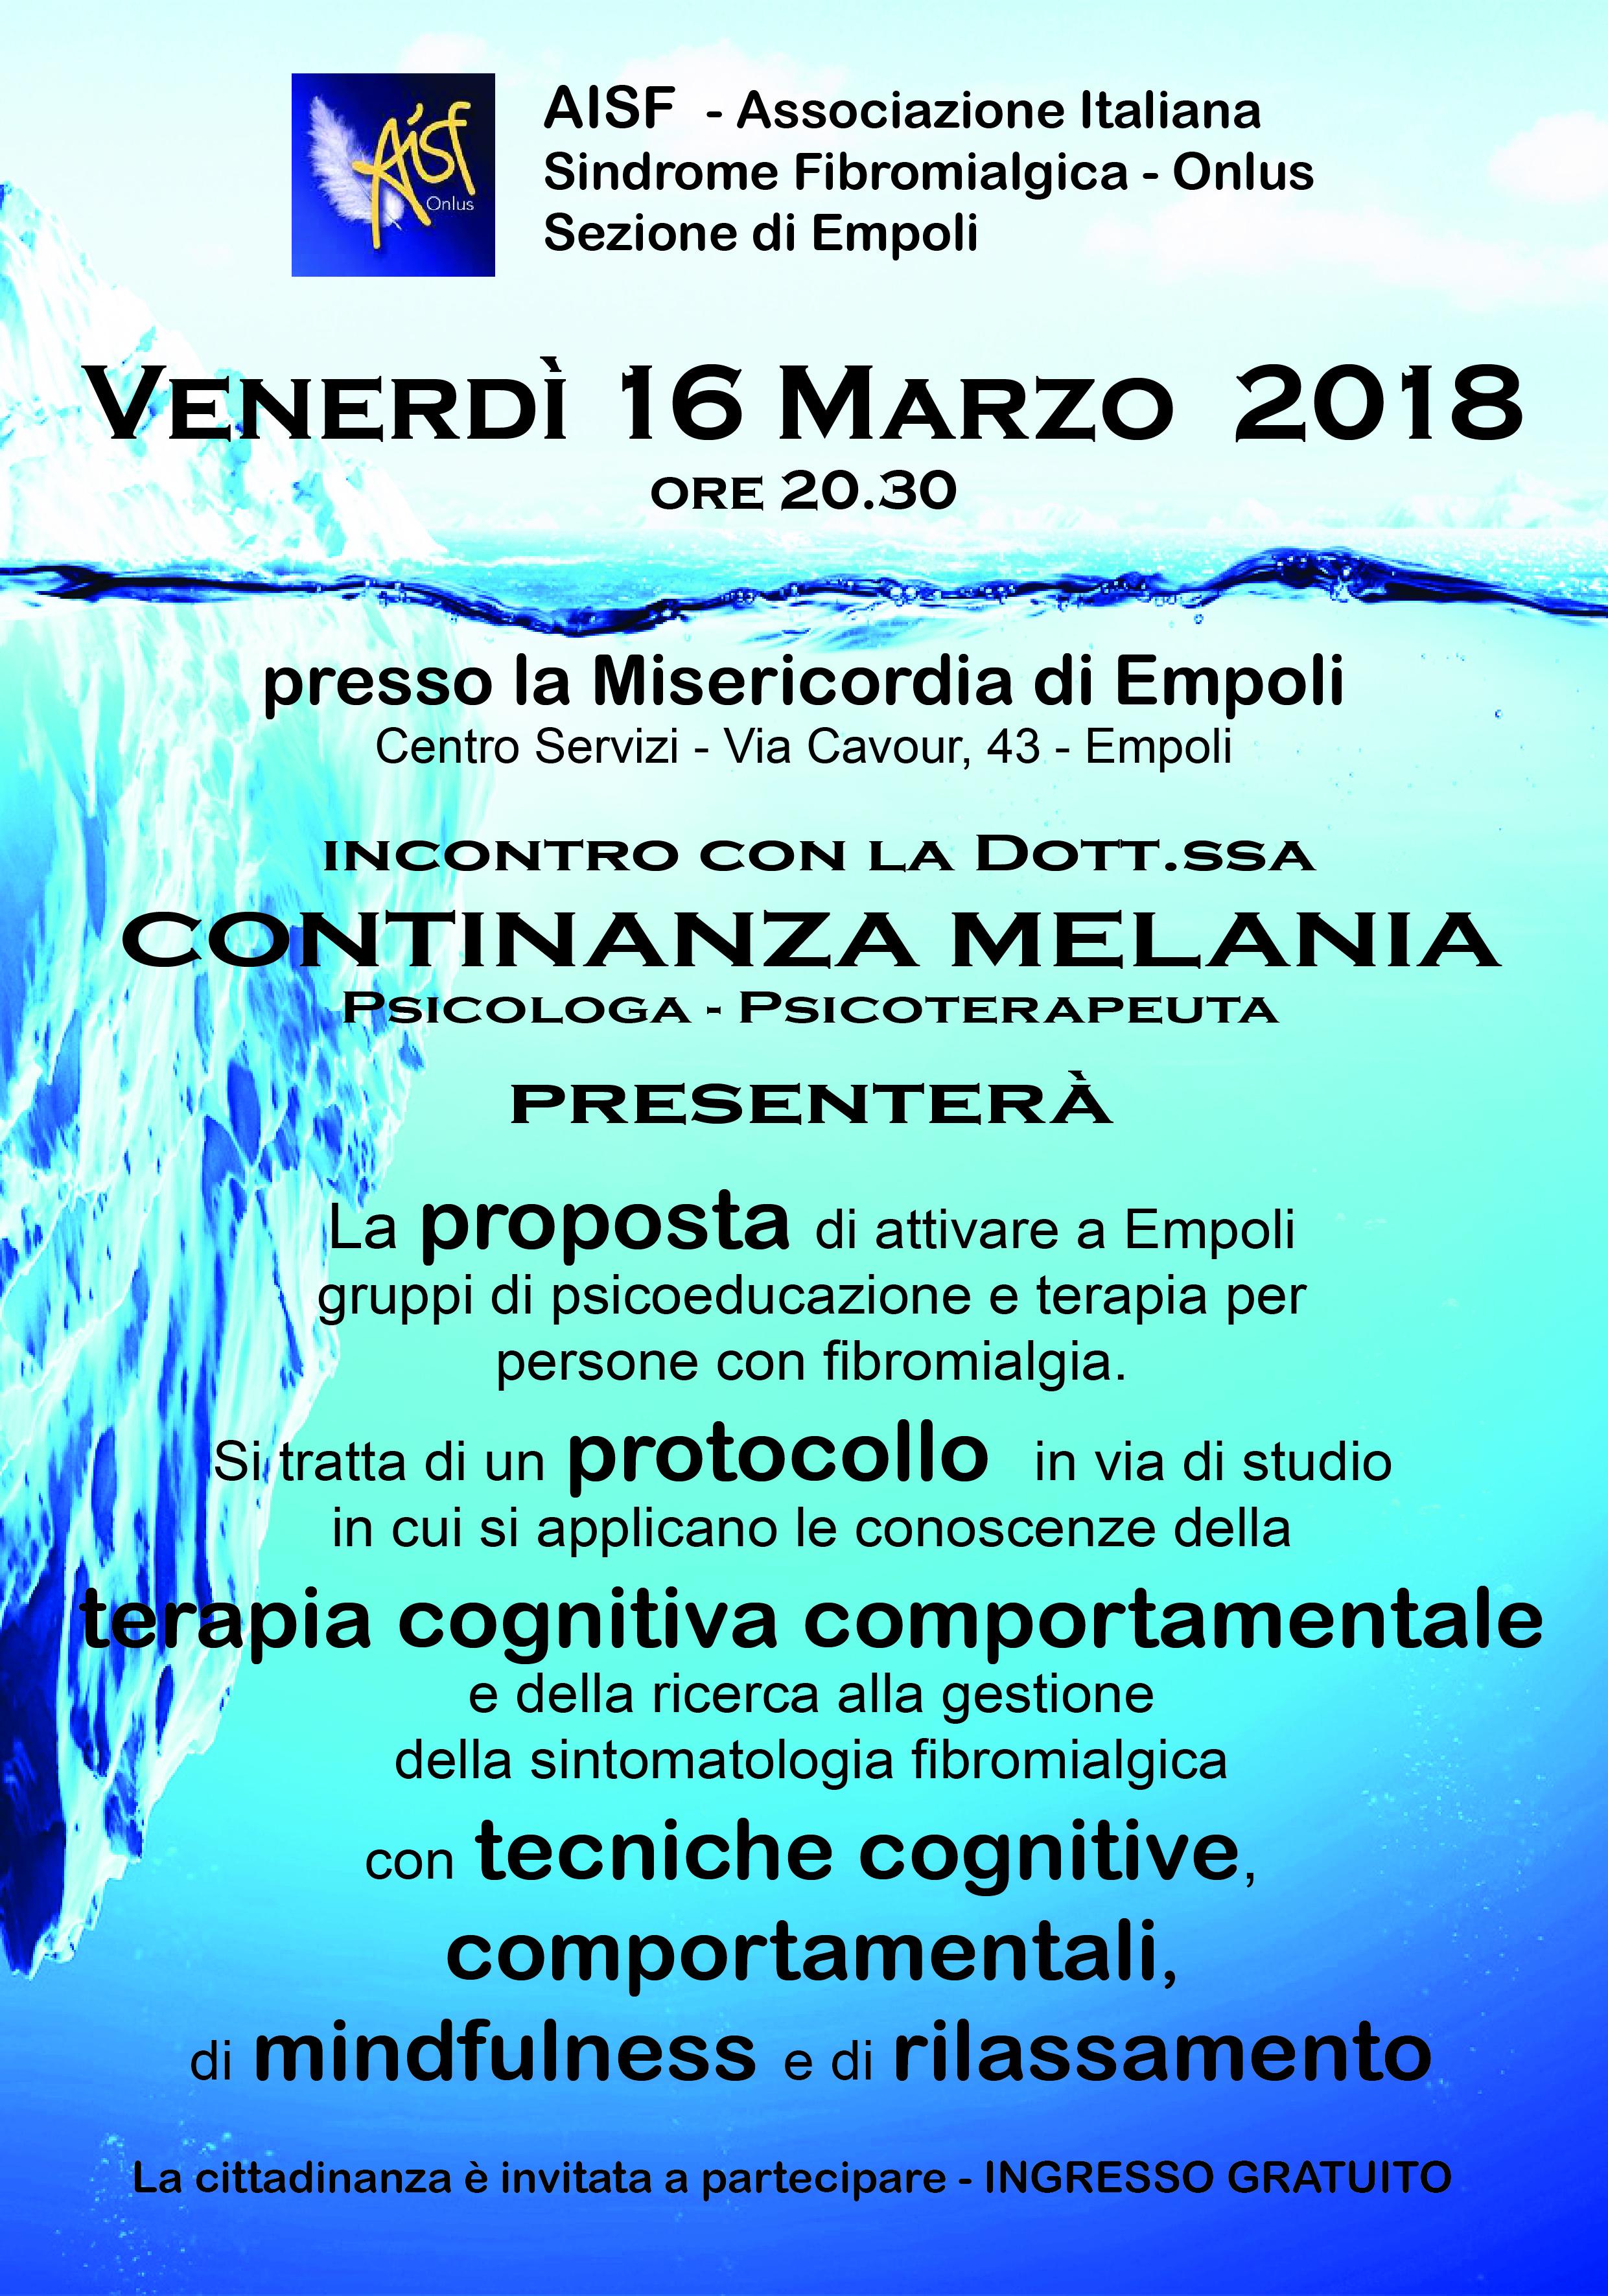 Volantino AISF 16 marzo 2018